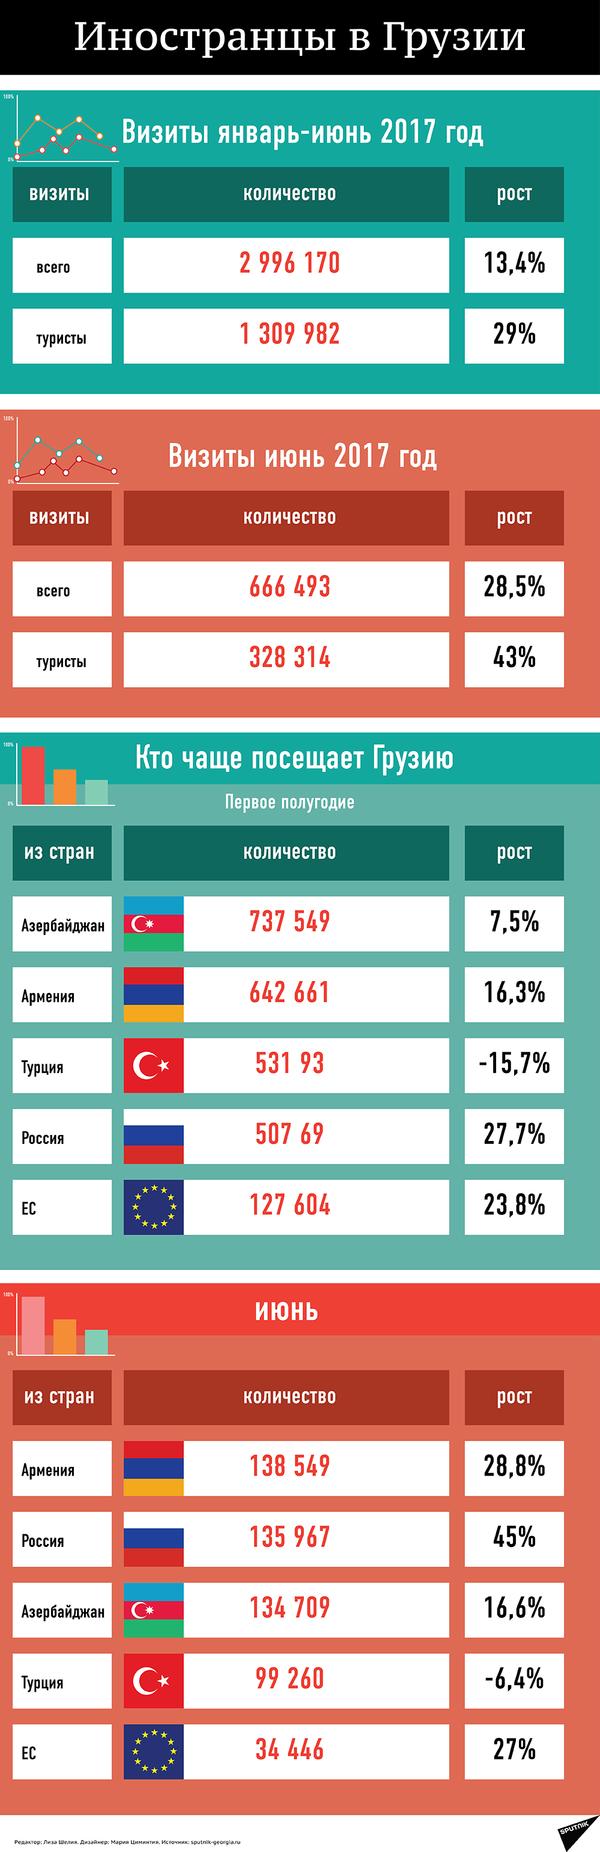 Иностранцы в Грузии - Sputnik Грузия